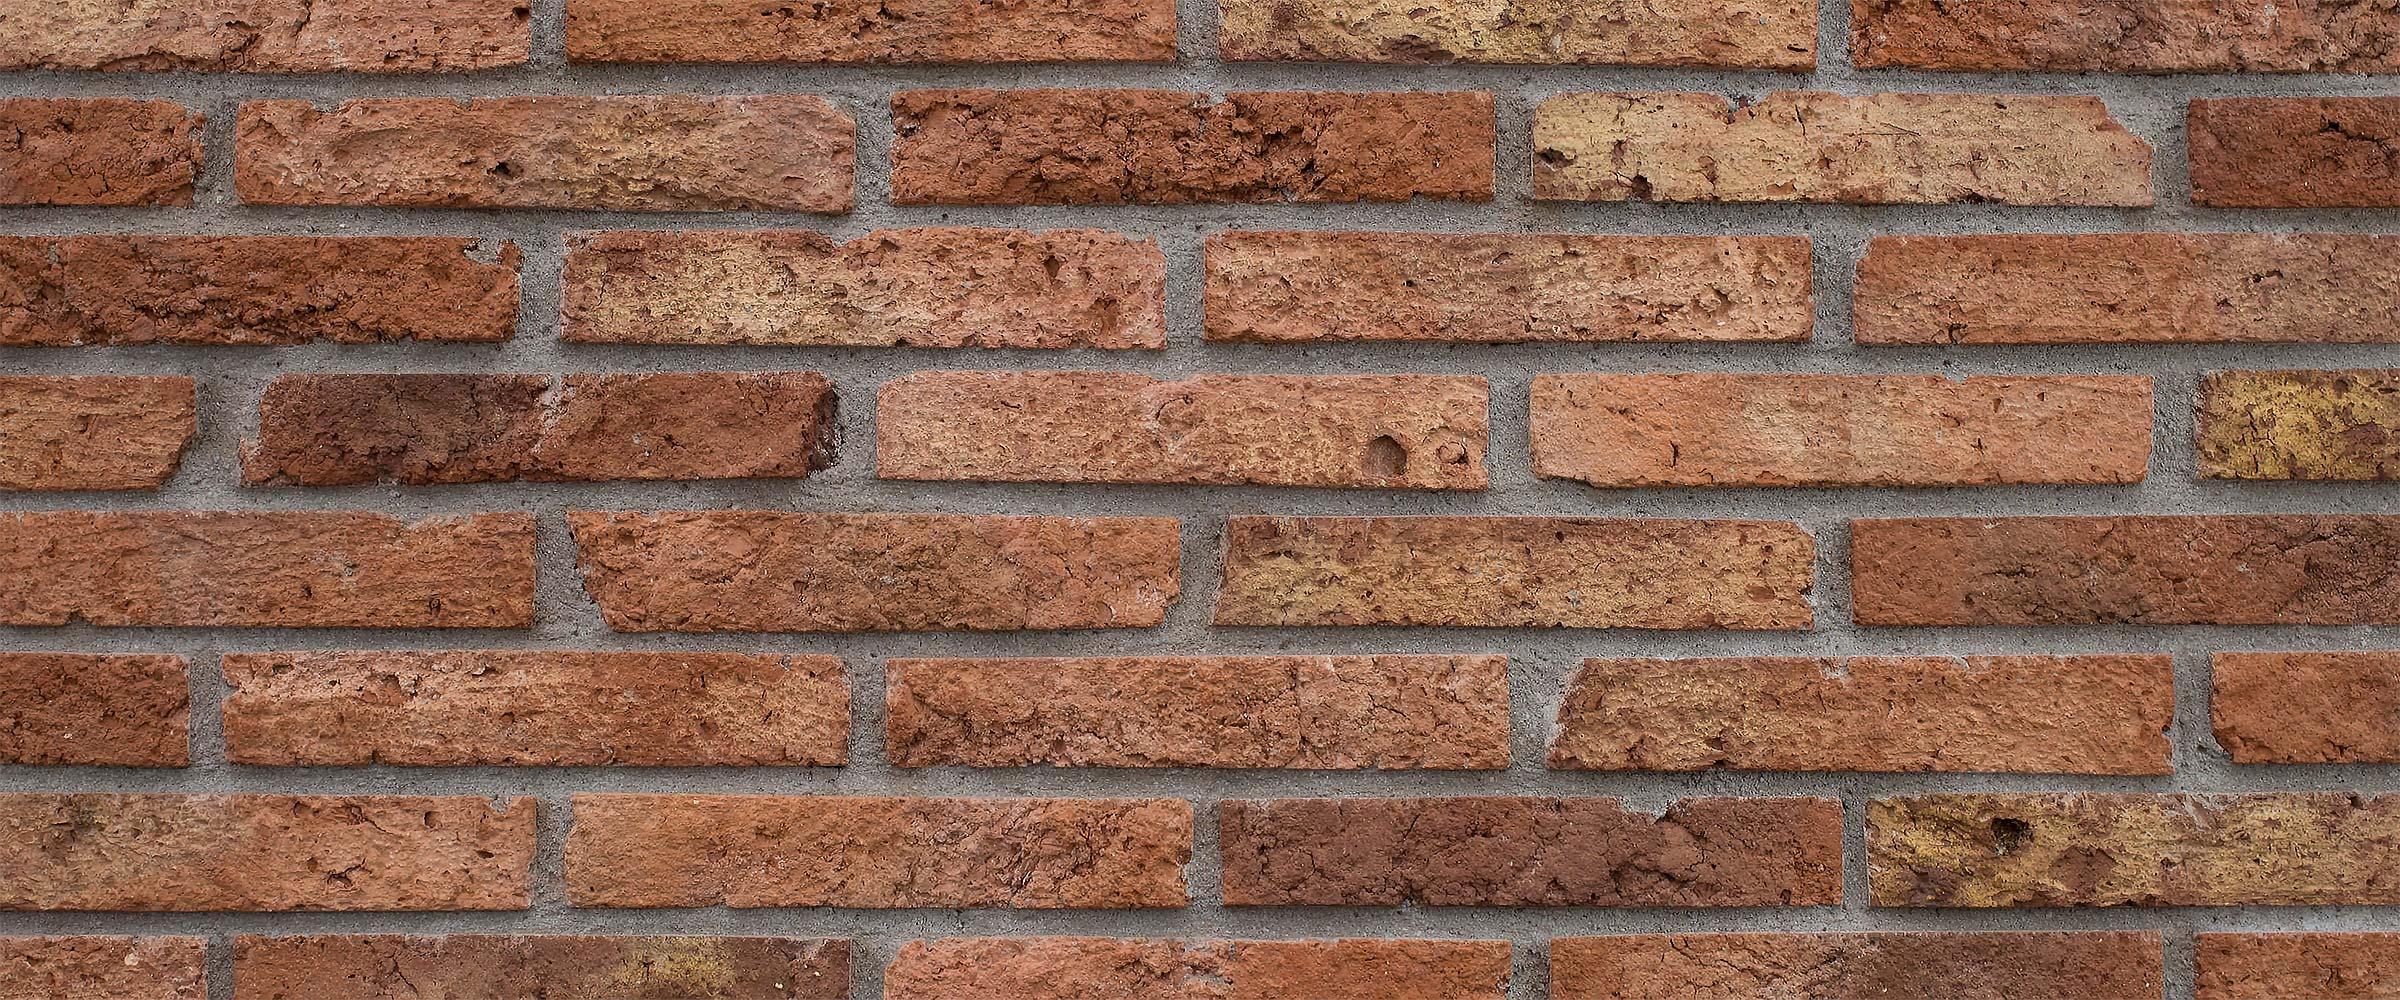 Enchape ladrillo arcilla piedra texturado mda - Revestimiento de ladrillo ...